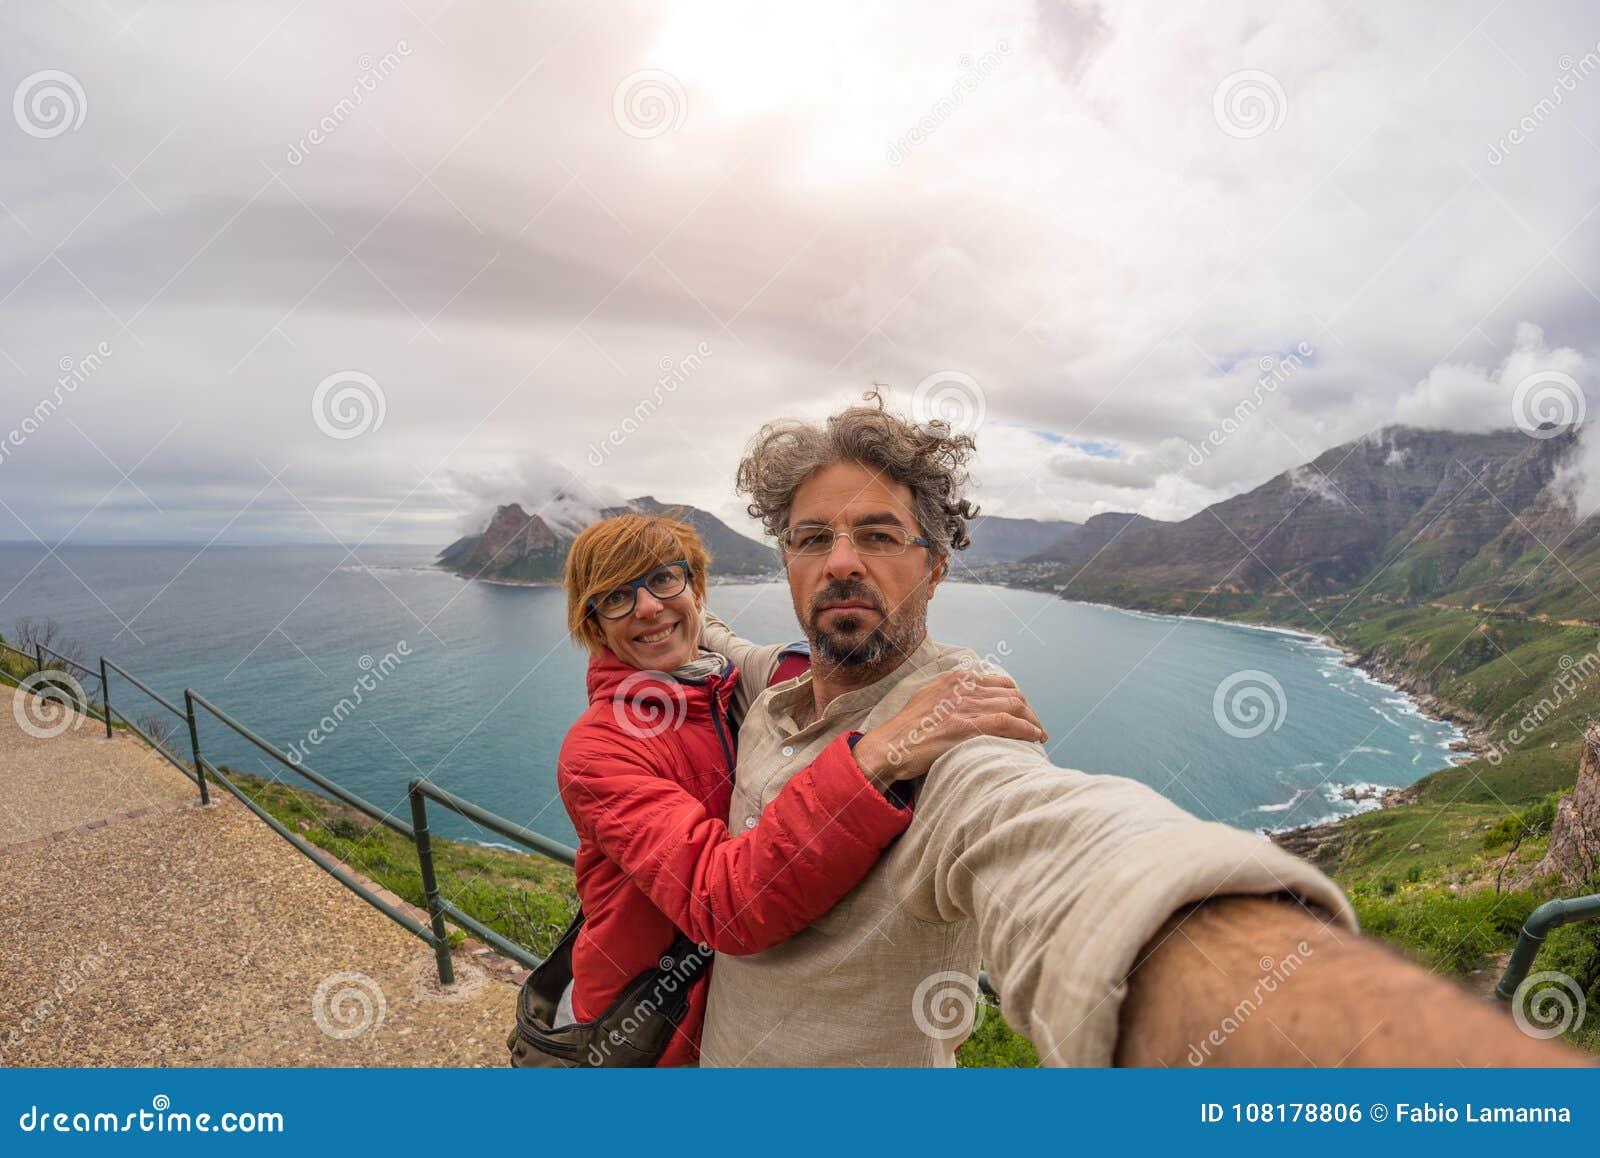 Ζεύγος selfie στο σημείο ακρωτηρίων, εθνικό πάρκο επιτραπέζιων βουνών, φυσικός προορισμός ταξιδιού στη Νότια Αφρική Άποψη Fisheye